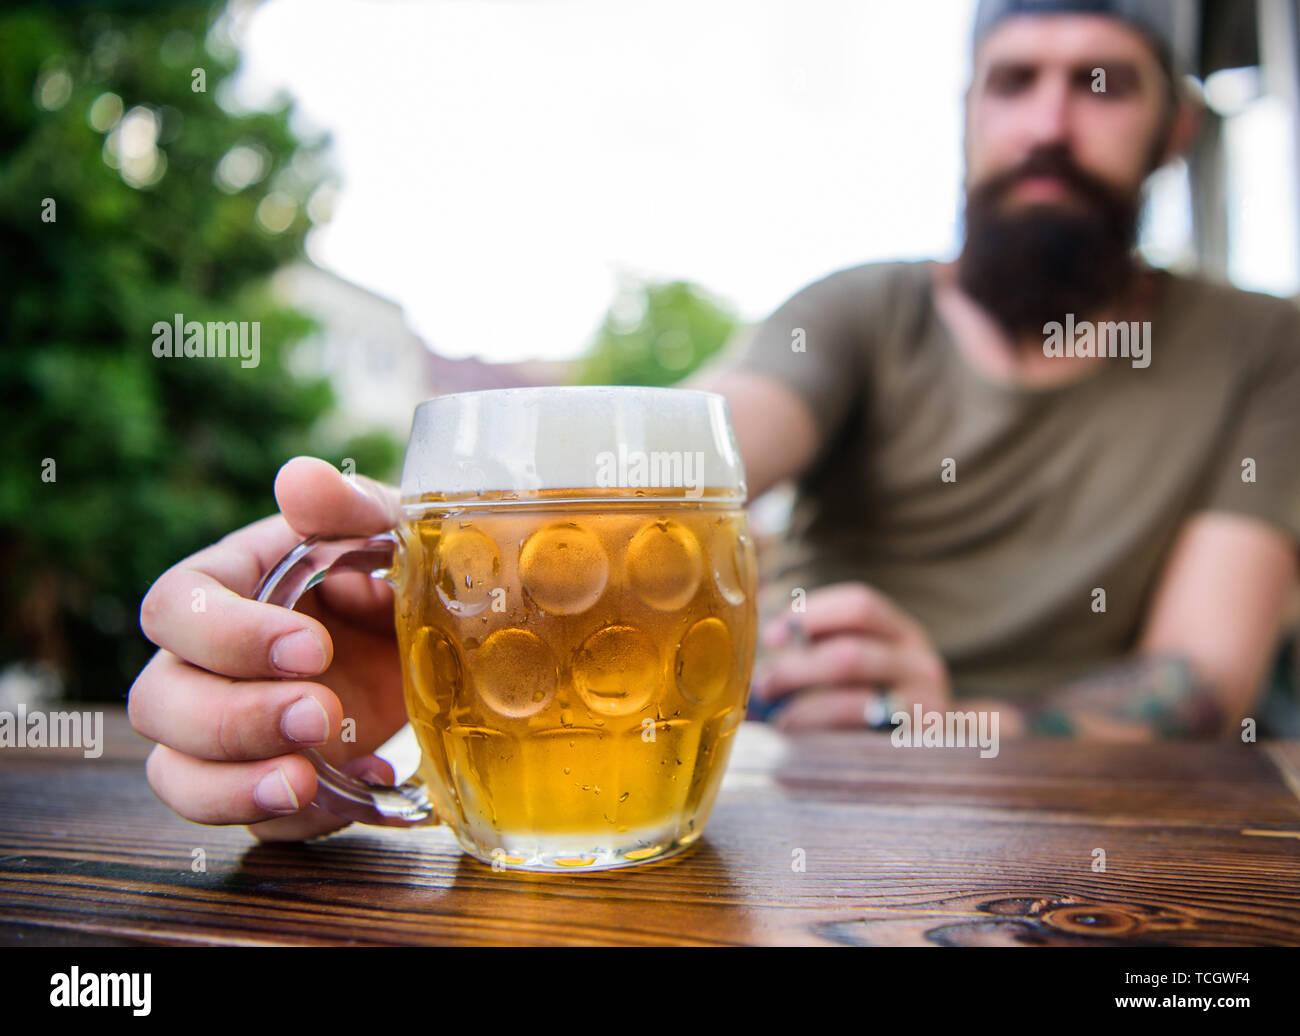 El Alcohol Y El Bar Concept Joven Creativo Cervecera